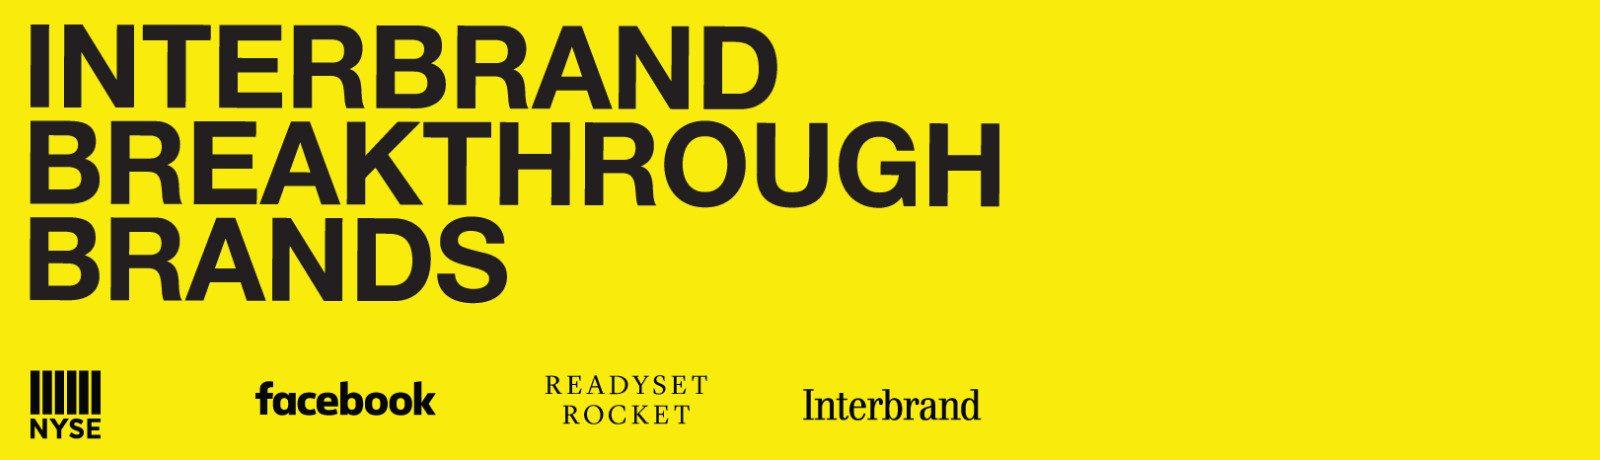 Banner_background Interbrand Breakthrough Brands